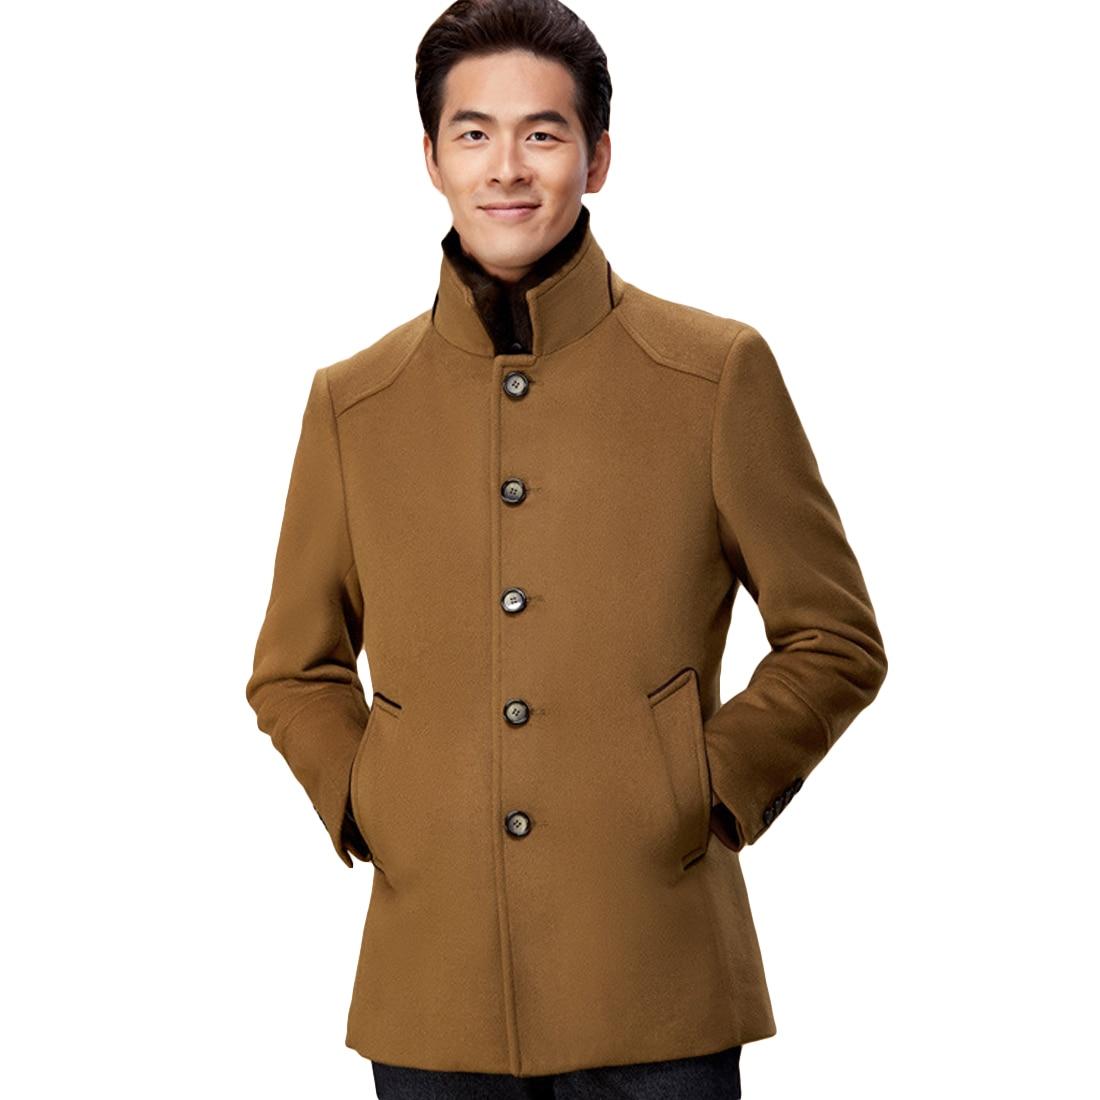 Mens fashion wool coat 36